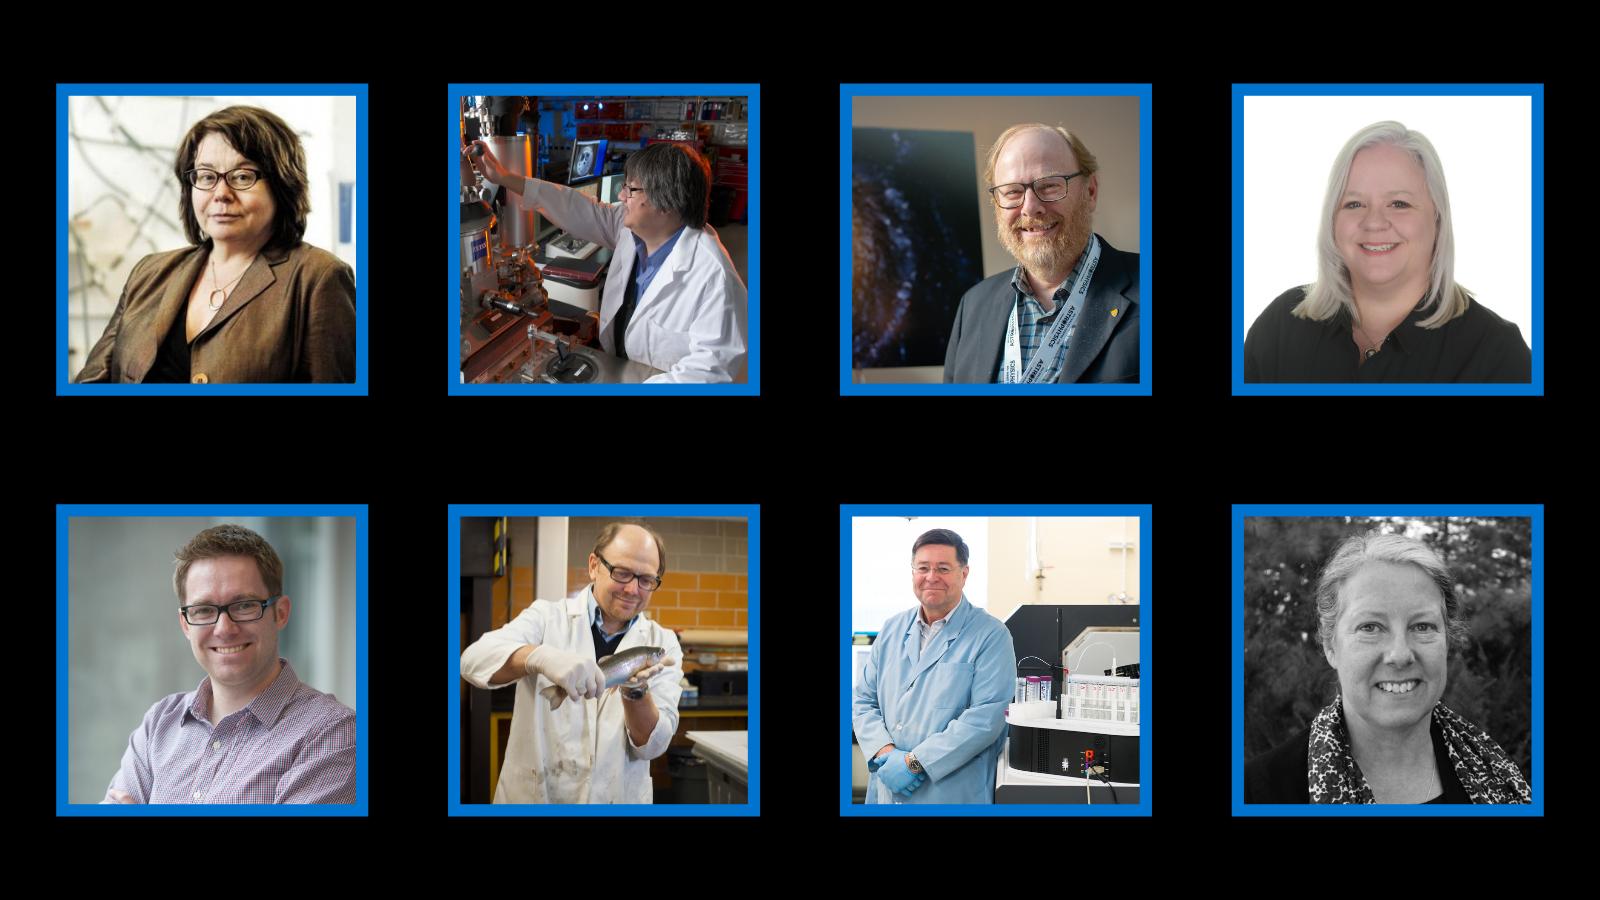 Professors Linda Nazar, Tong Leung, Michel Fich, Kirsten Muller, Paul Craig, Brian Dixon, David Blowes, and Carol Ptacek